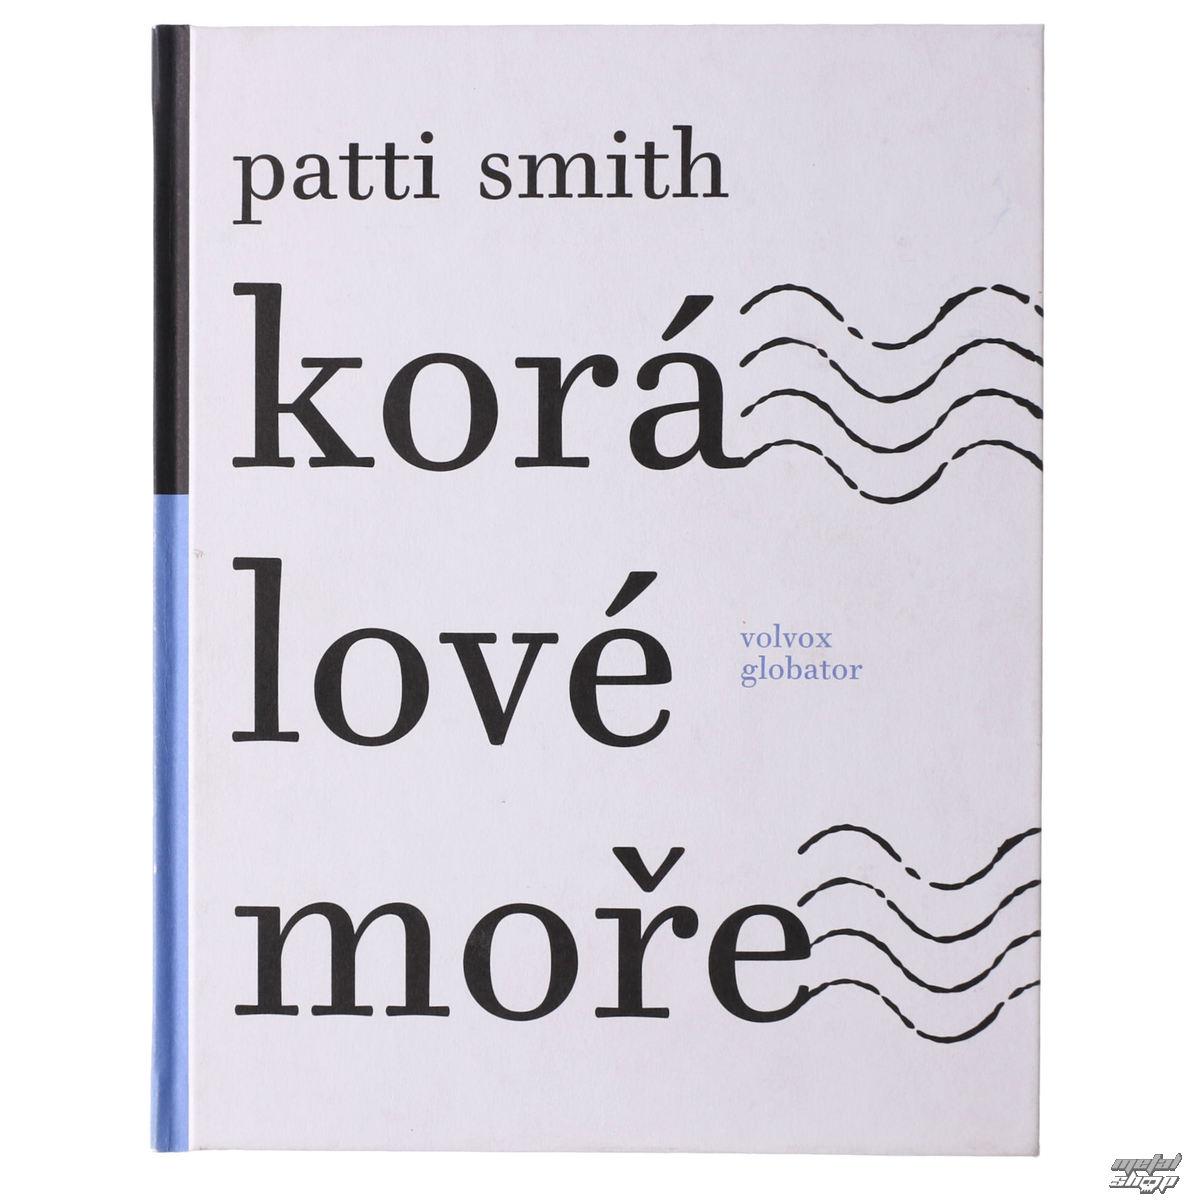 kniha koralové more - 2. vyd. - Patti Smith - VOL035